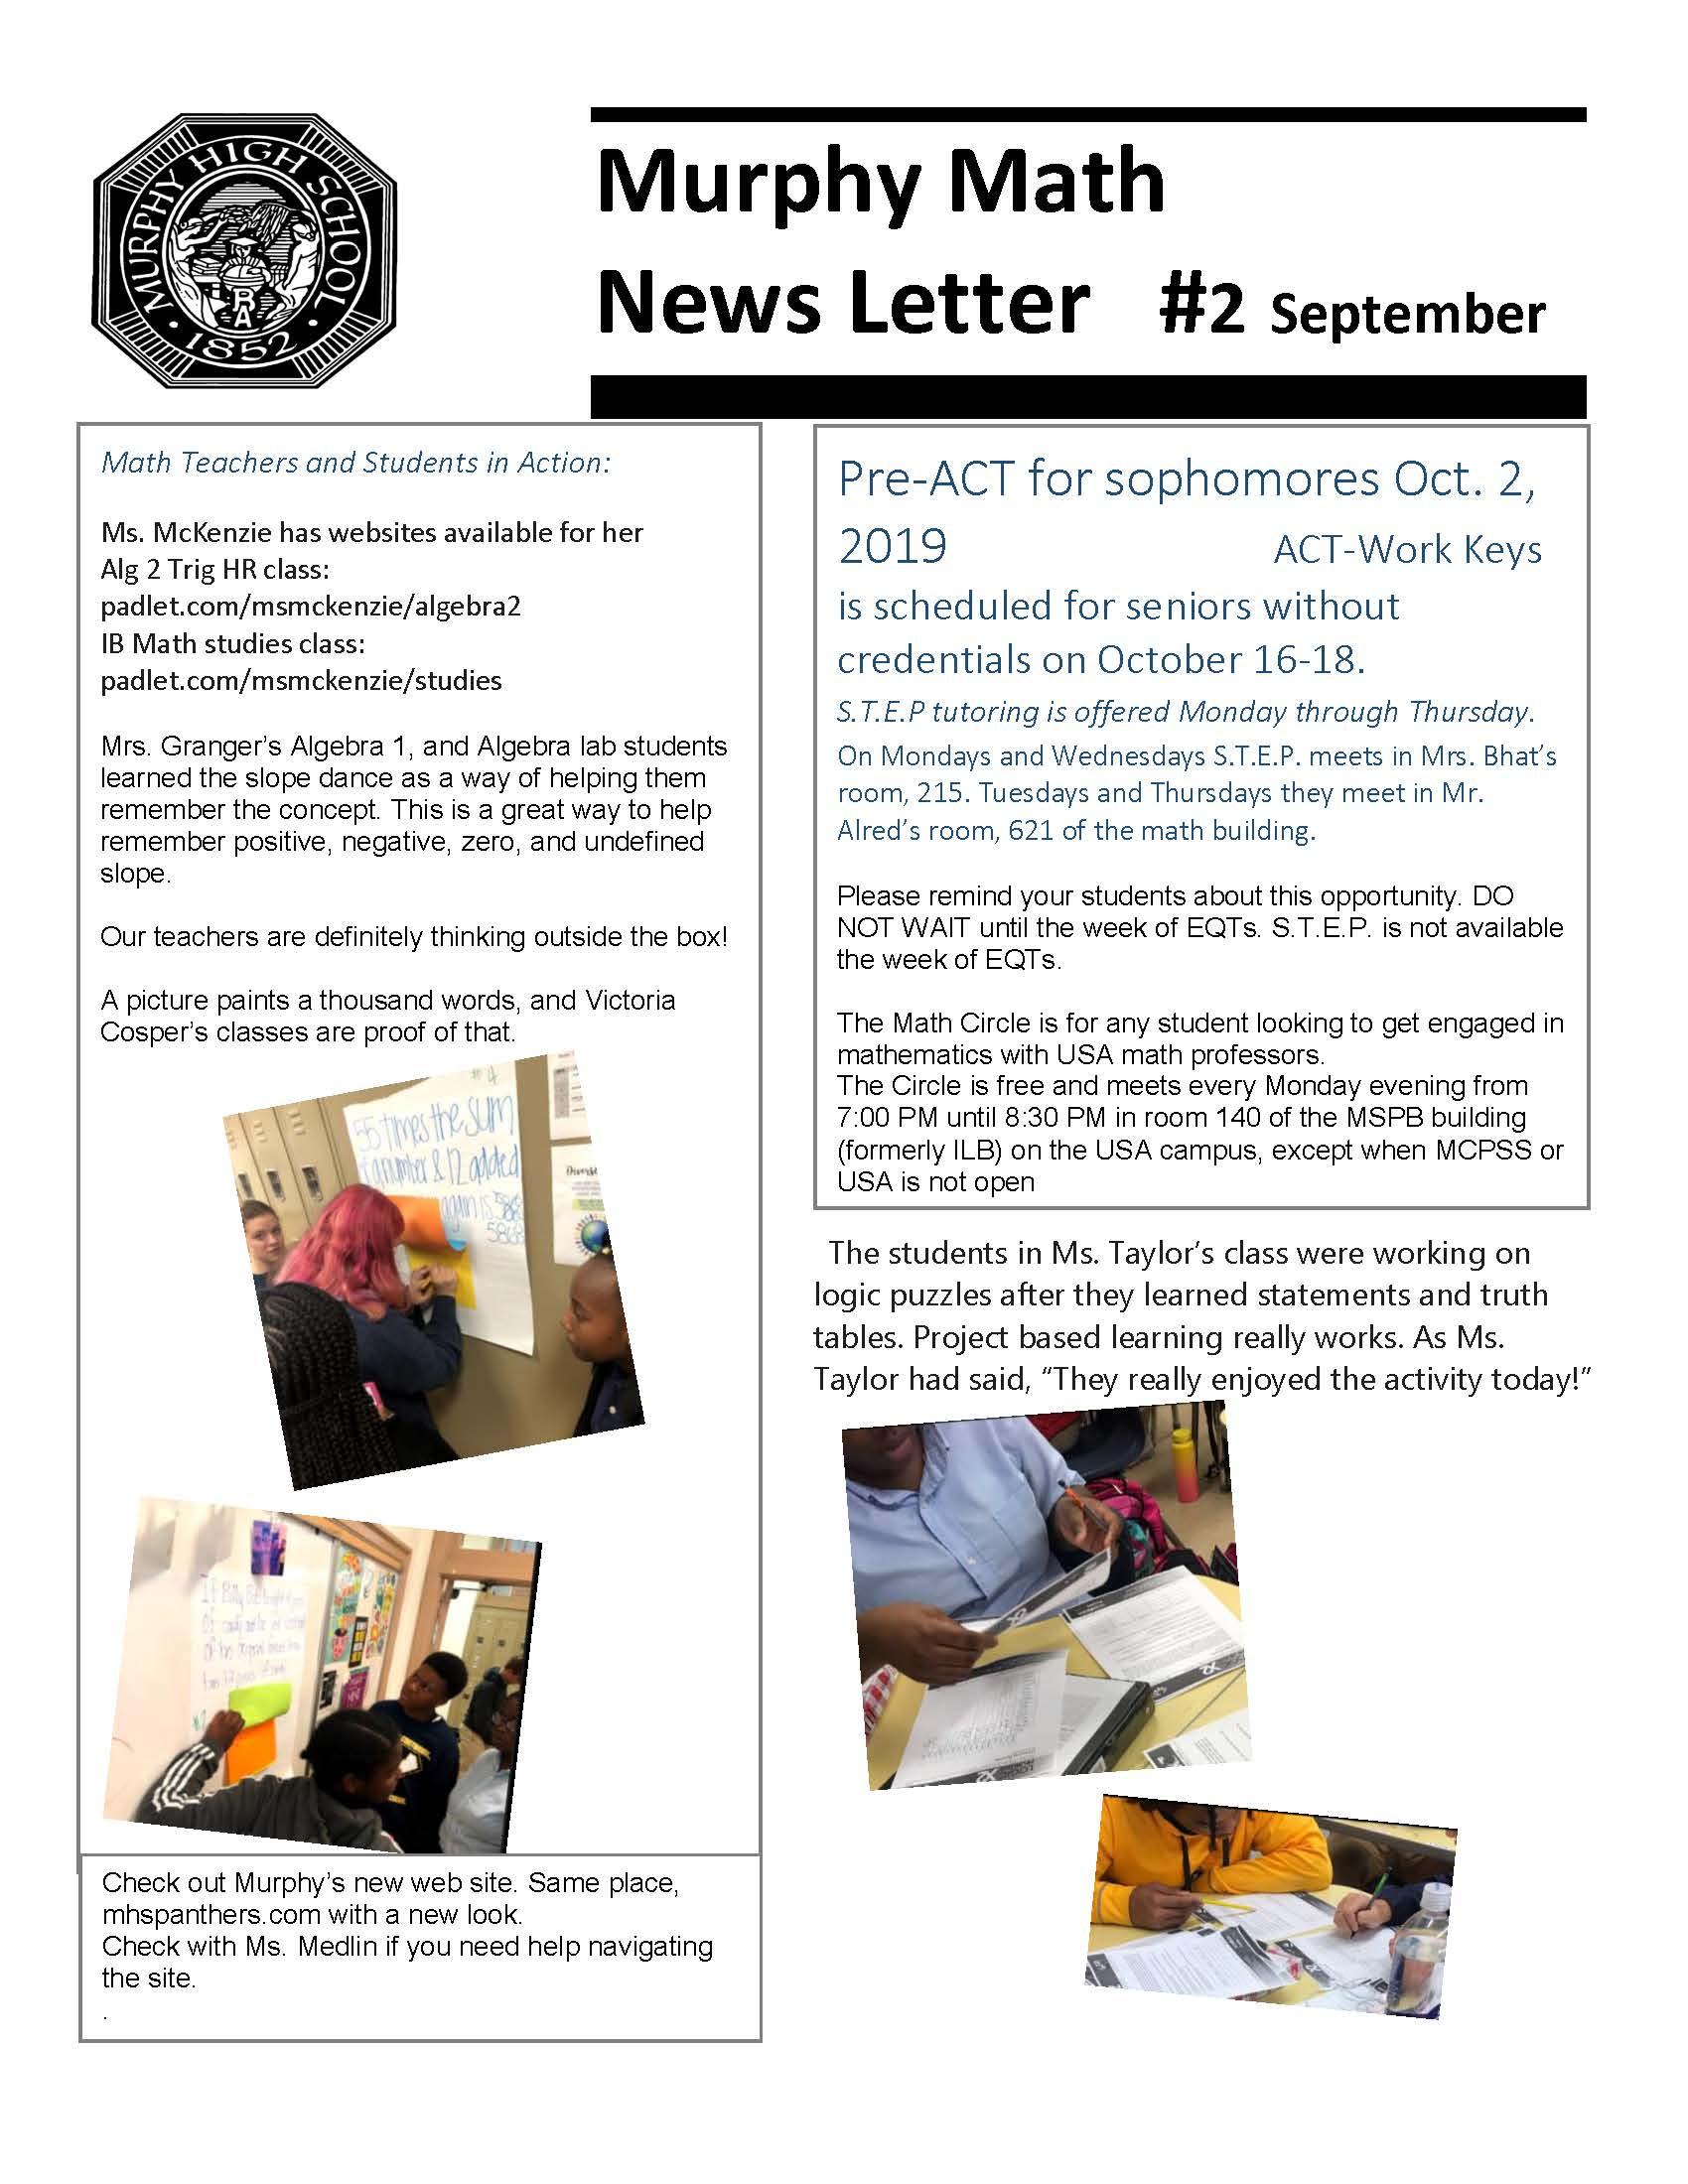 Math News